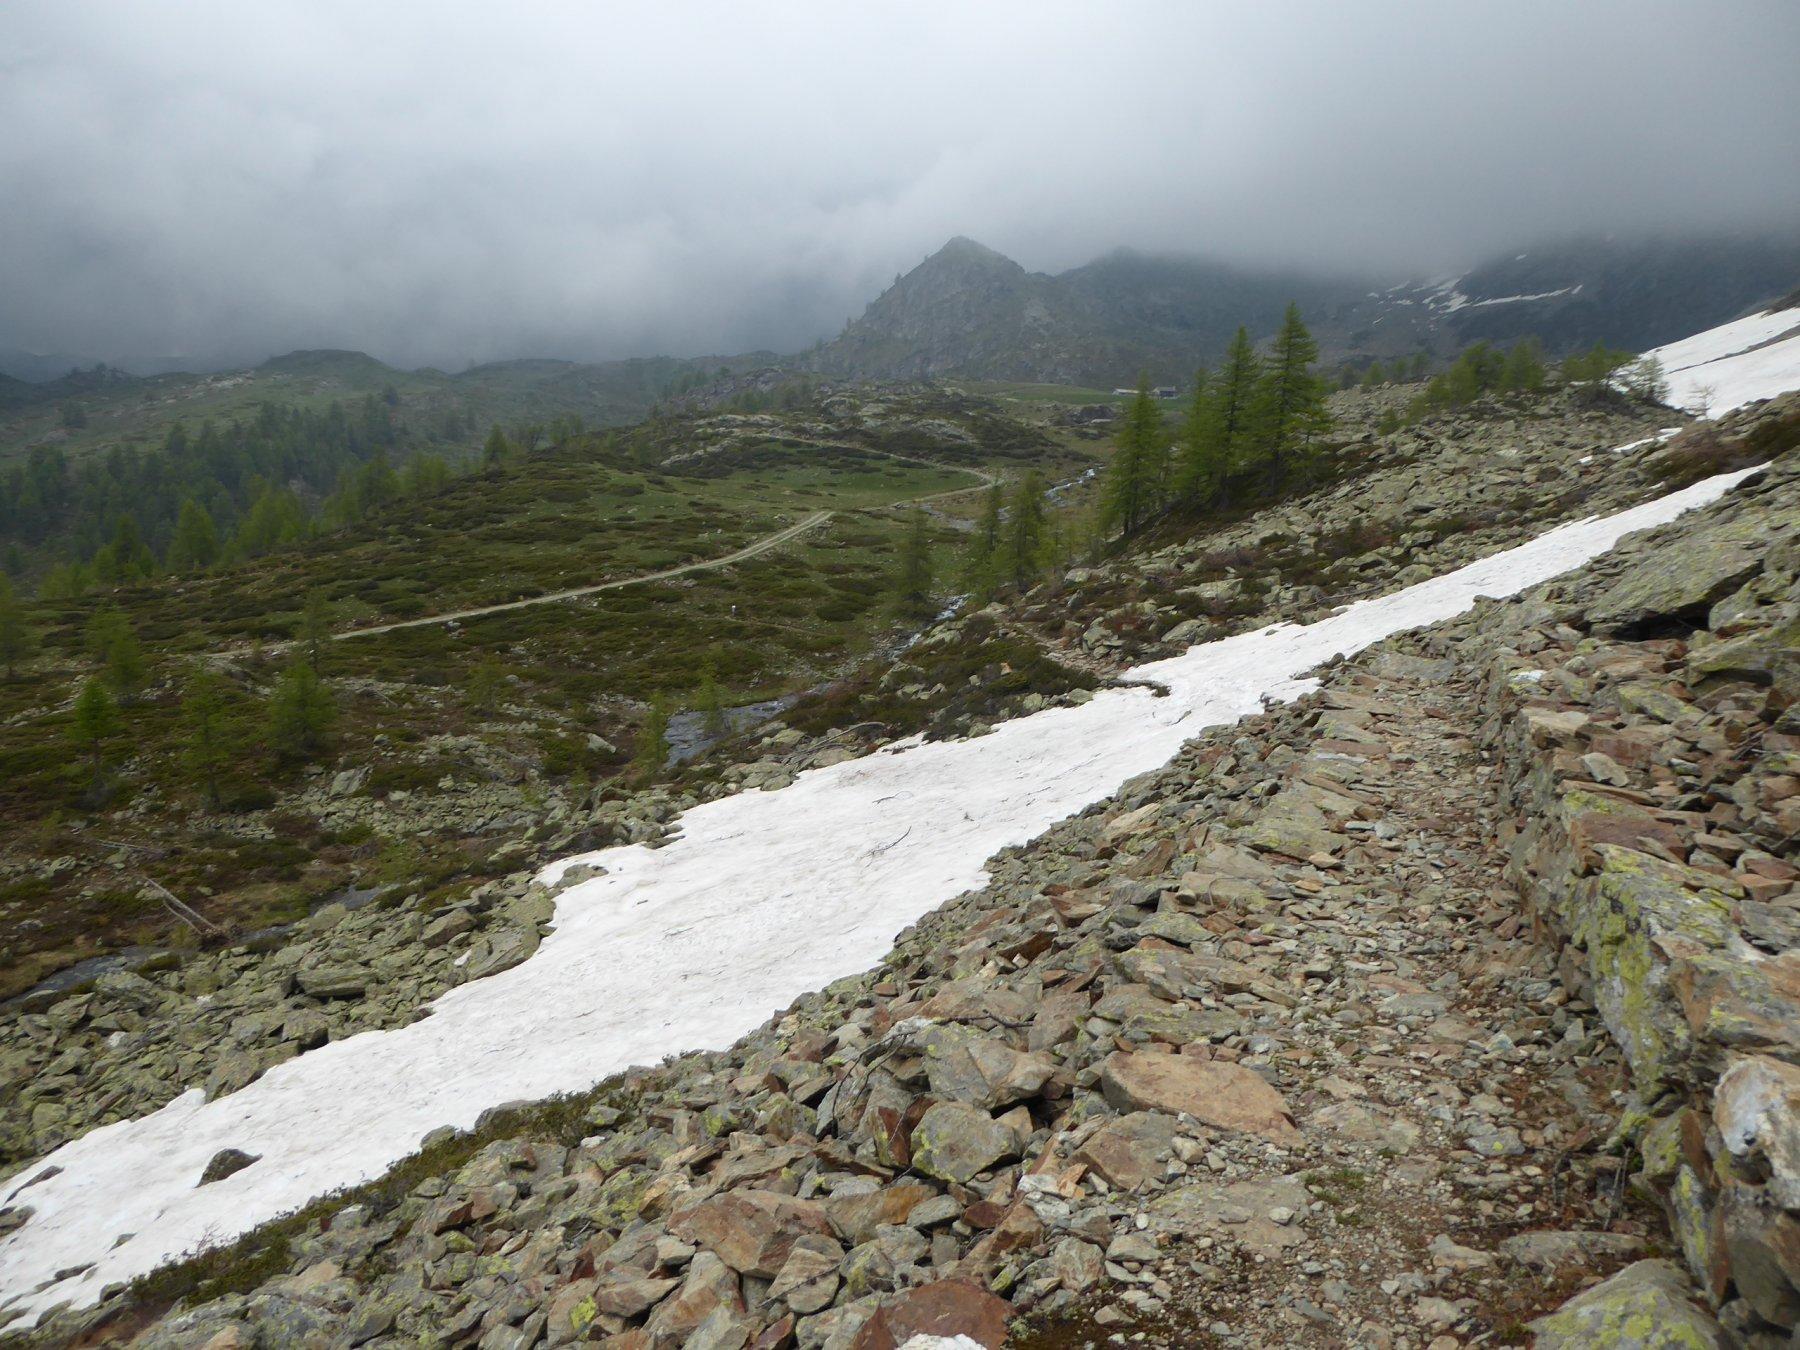 gli unici 10 metri di nevaio prima di scendere alla già visibile sterrata